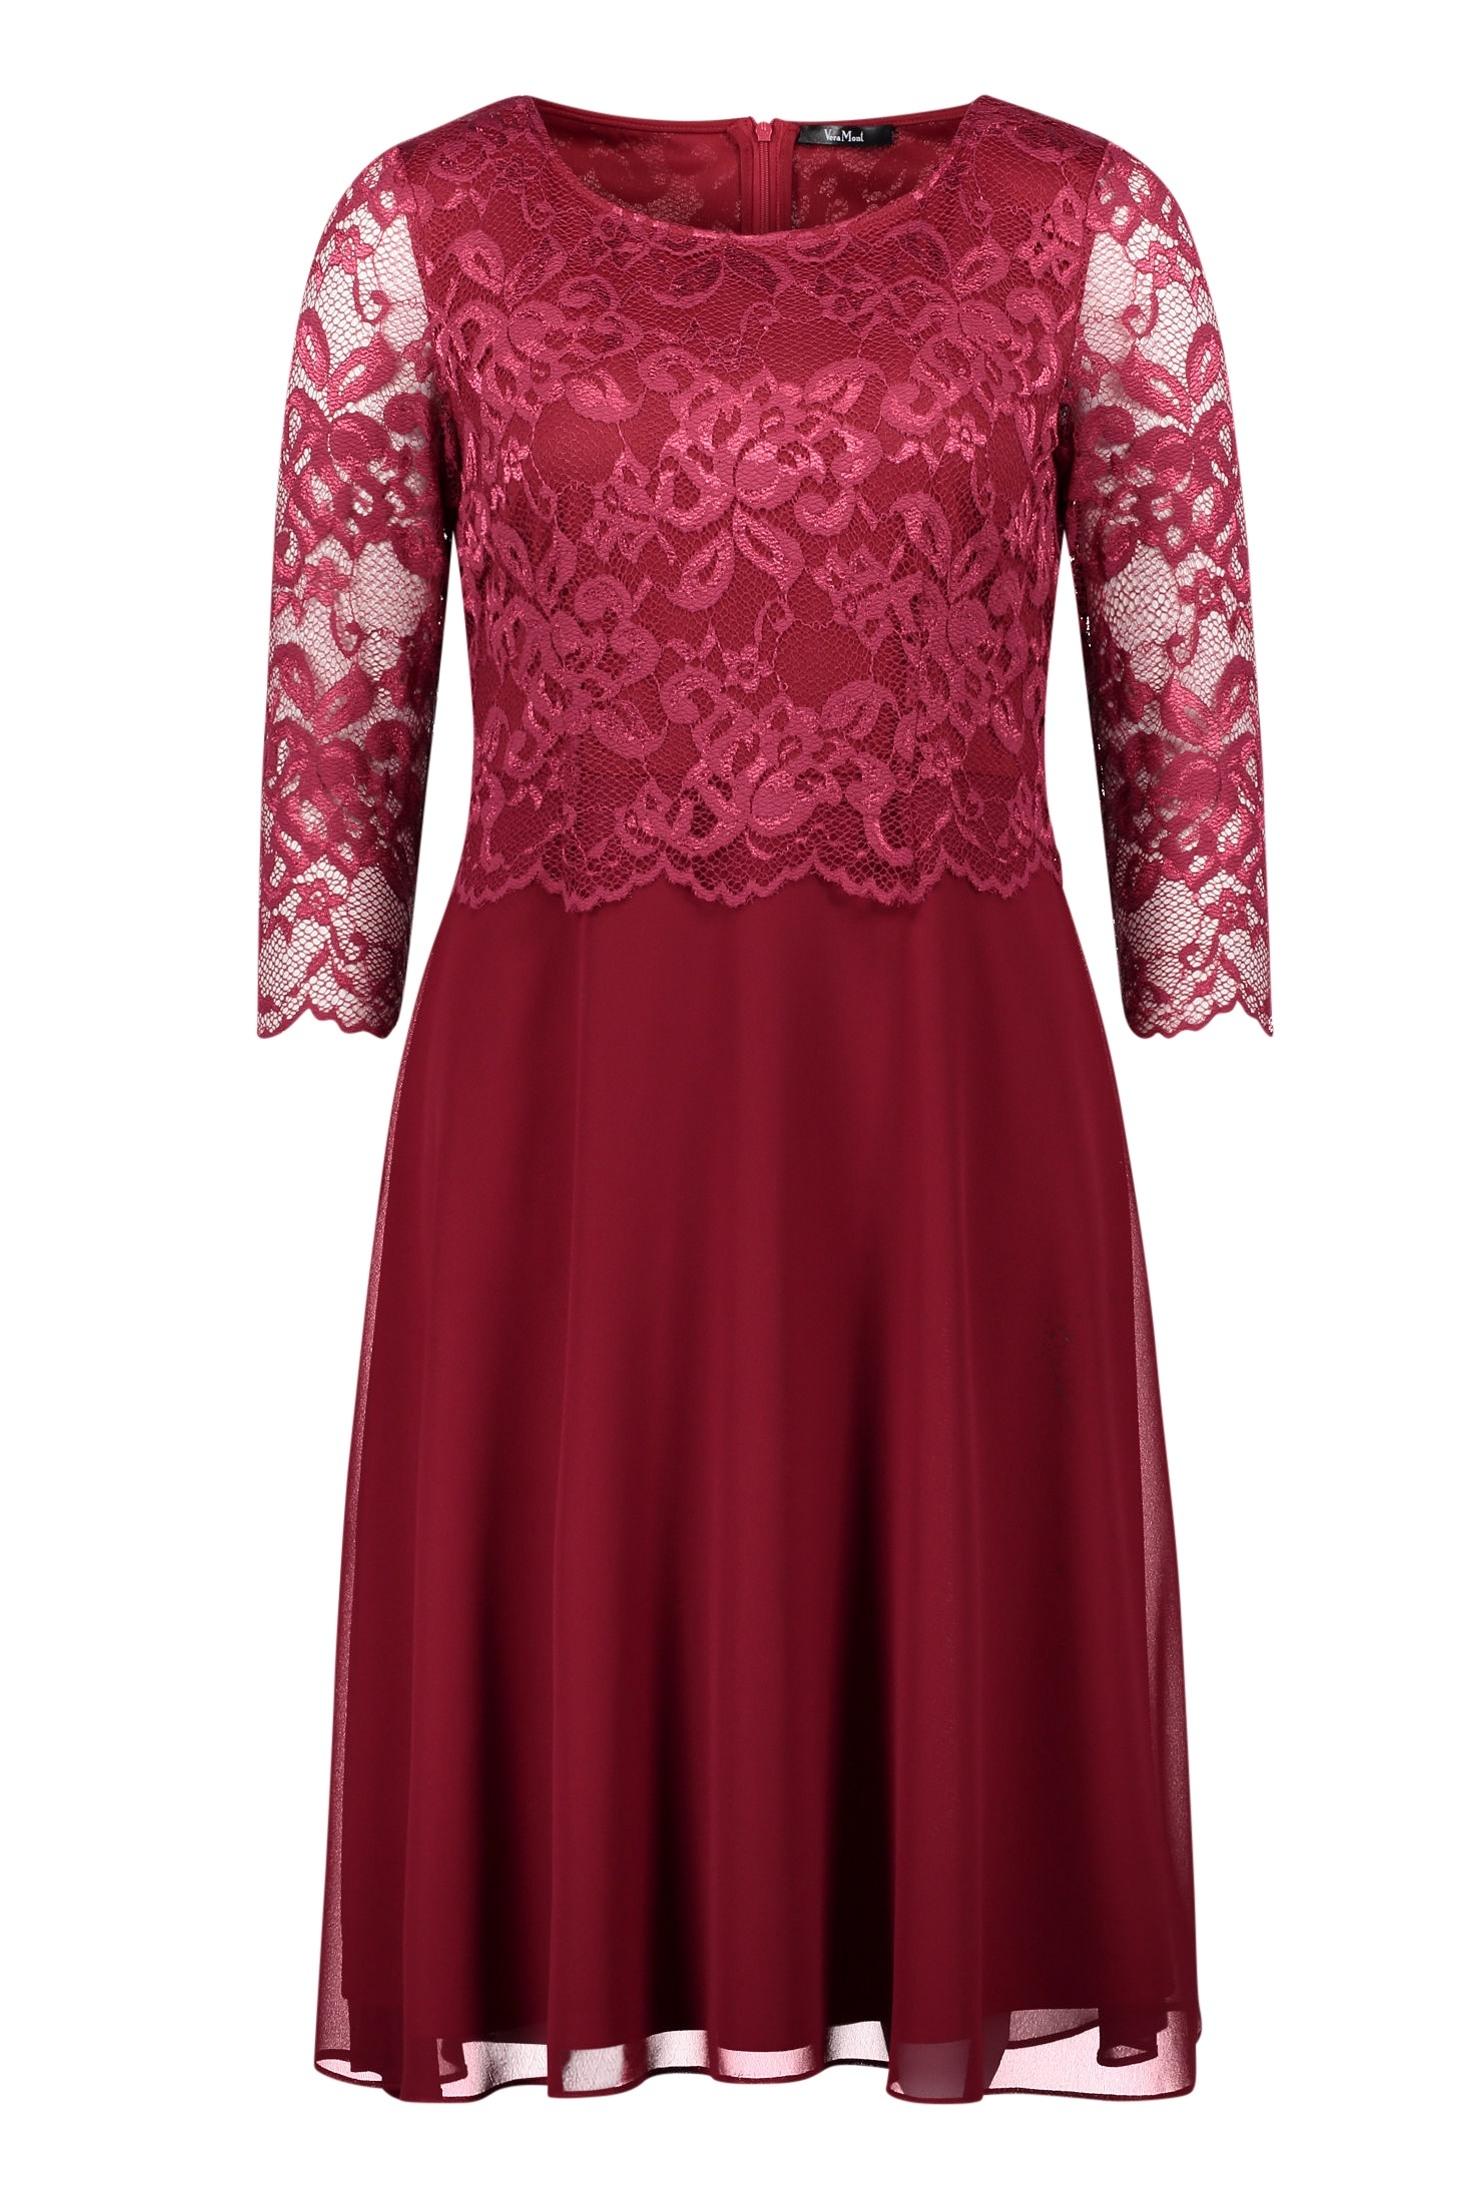 Abend Coolste Bordeaux Kleid Spitze Stylish13 Kreativ Bordeaux Kleid Spitze Boutique